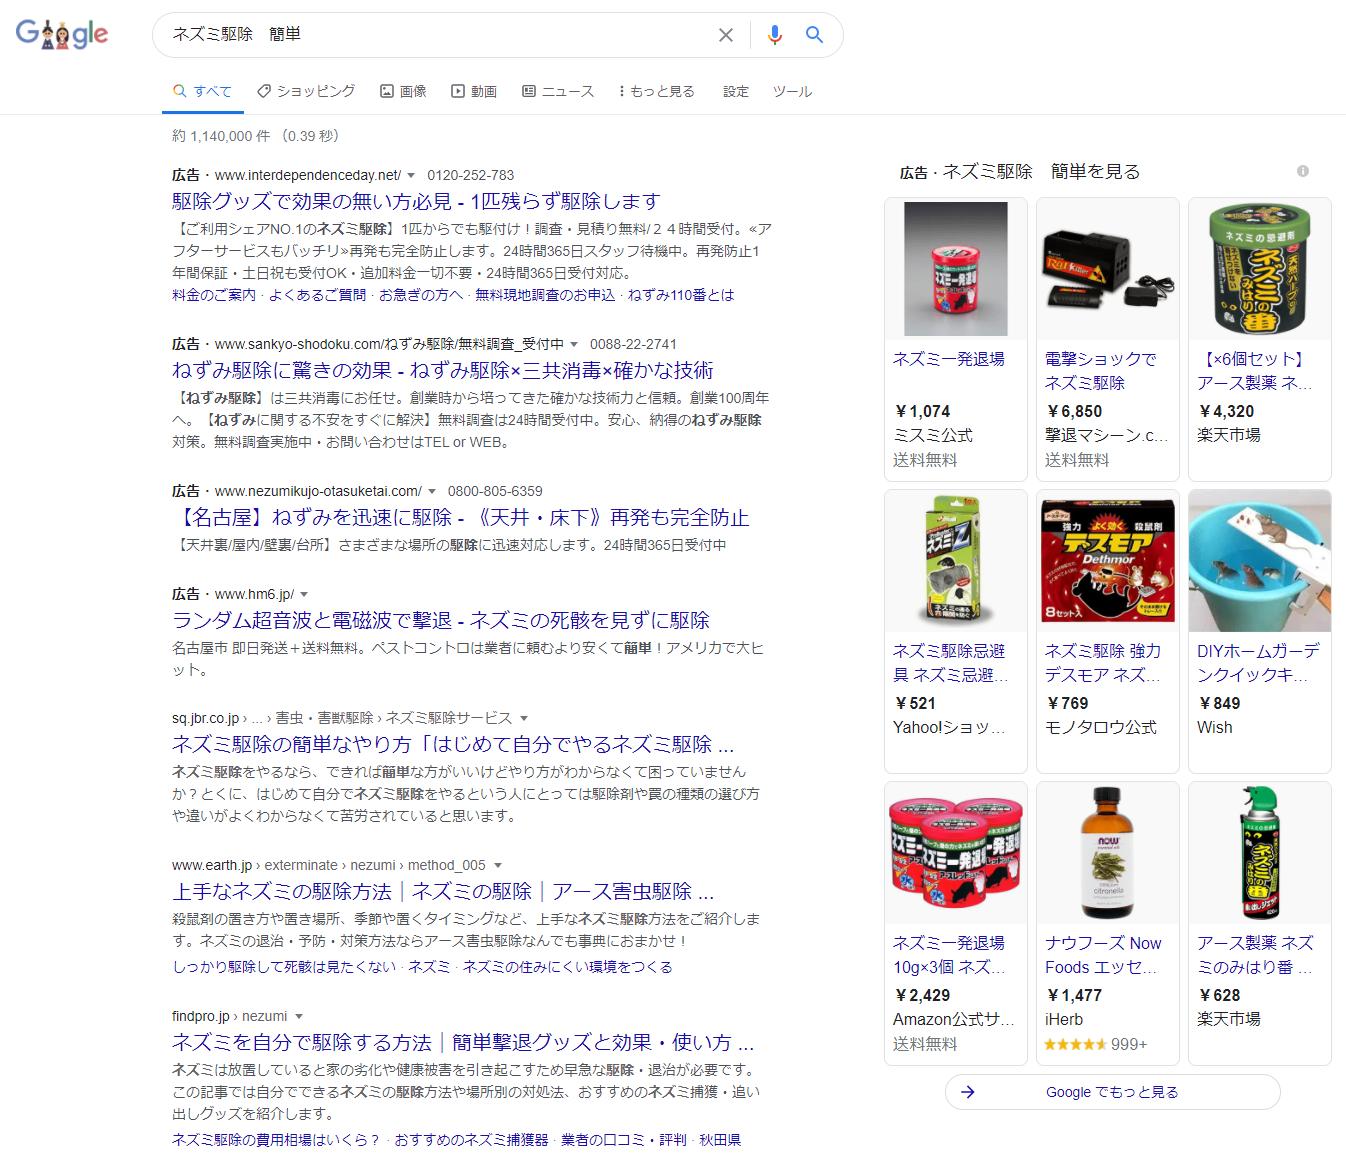 「ネズミ駆除 簡単」のGoogle検索結果